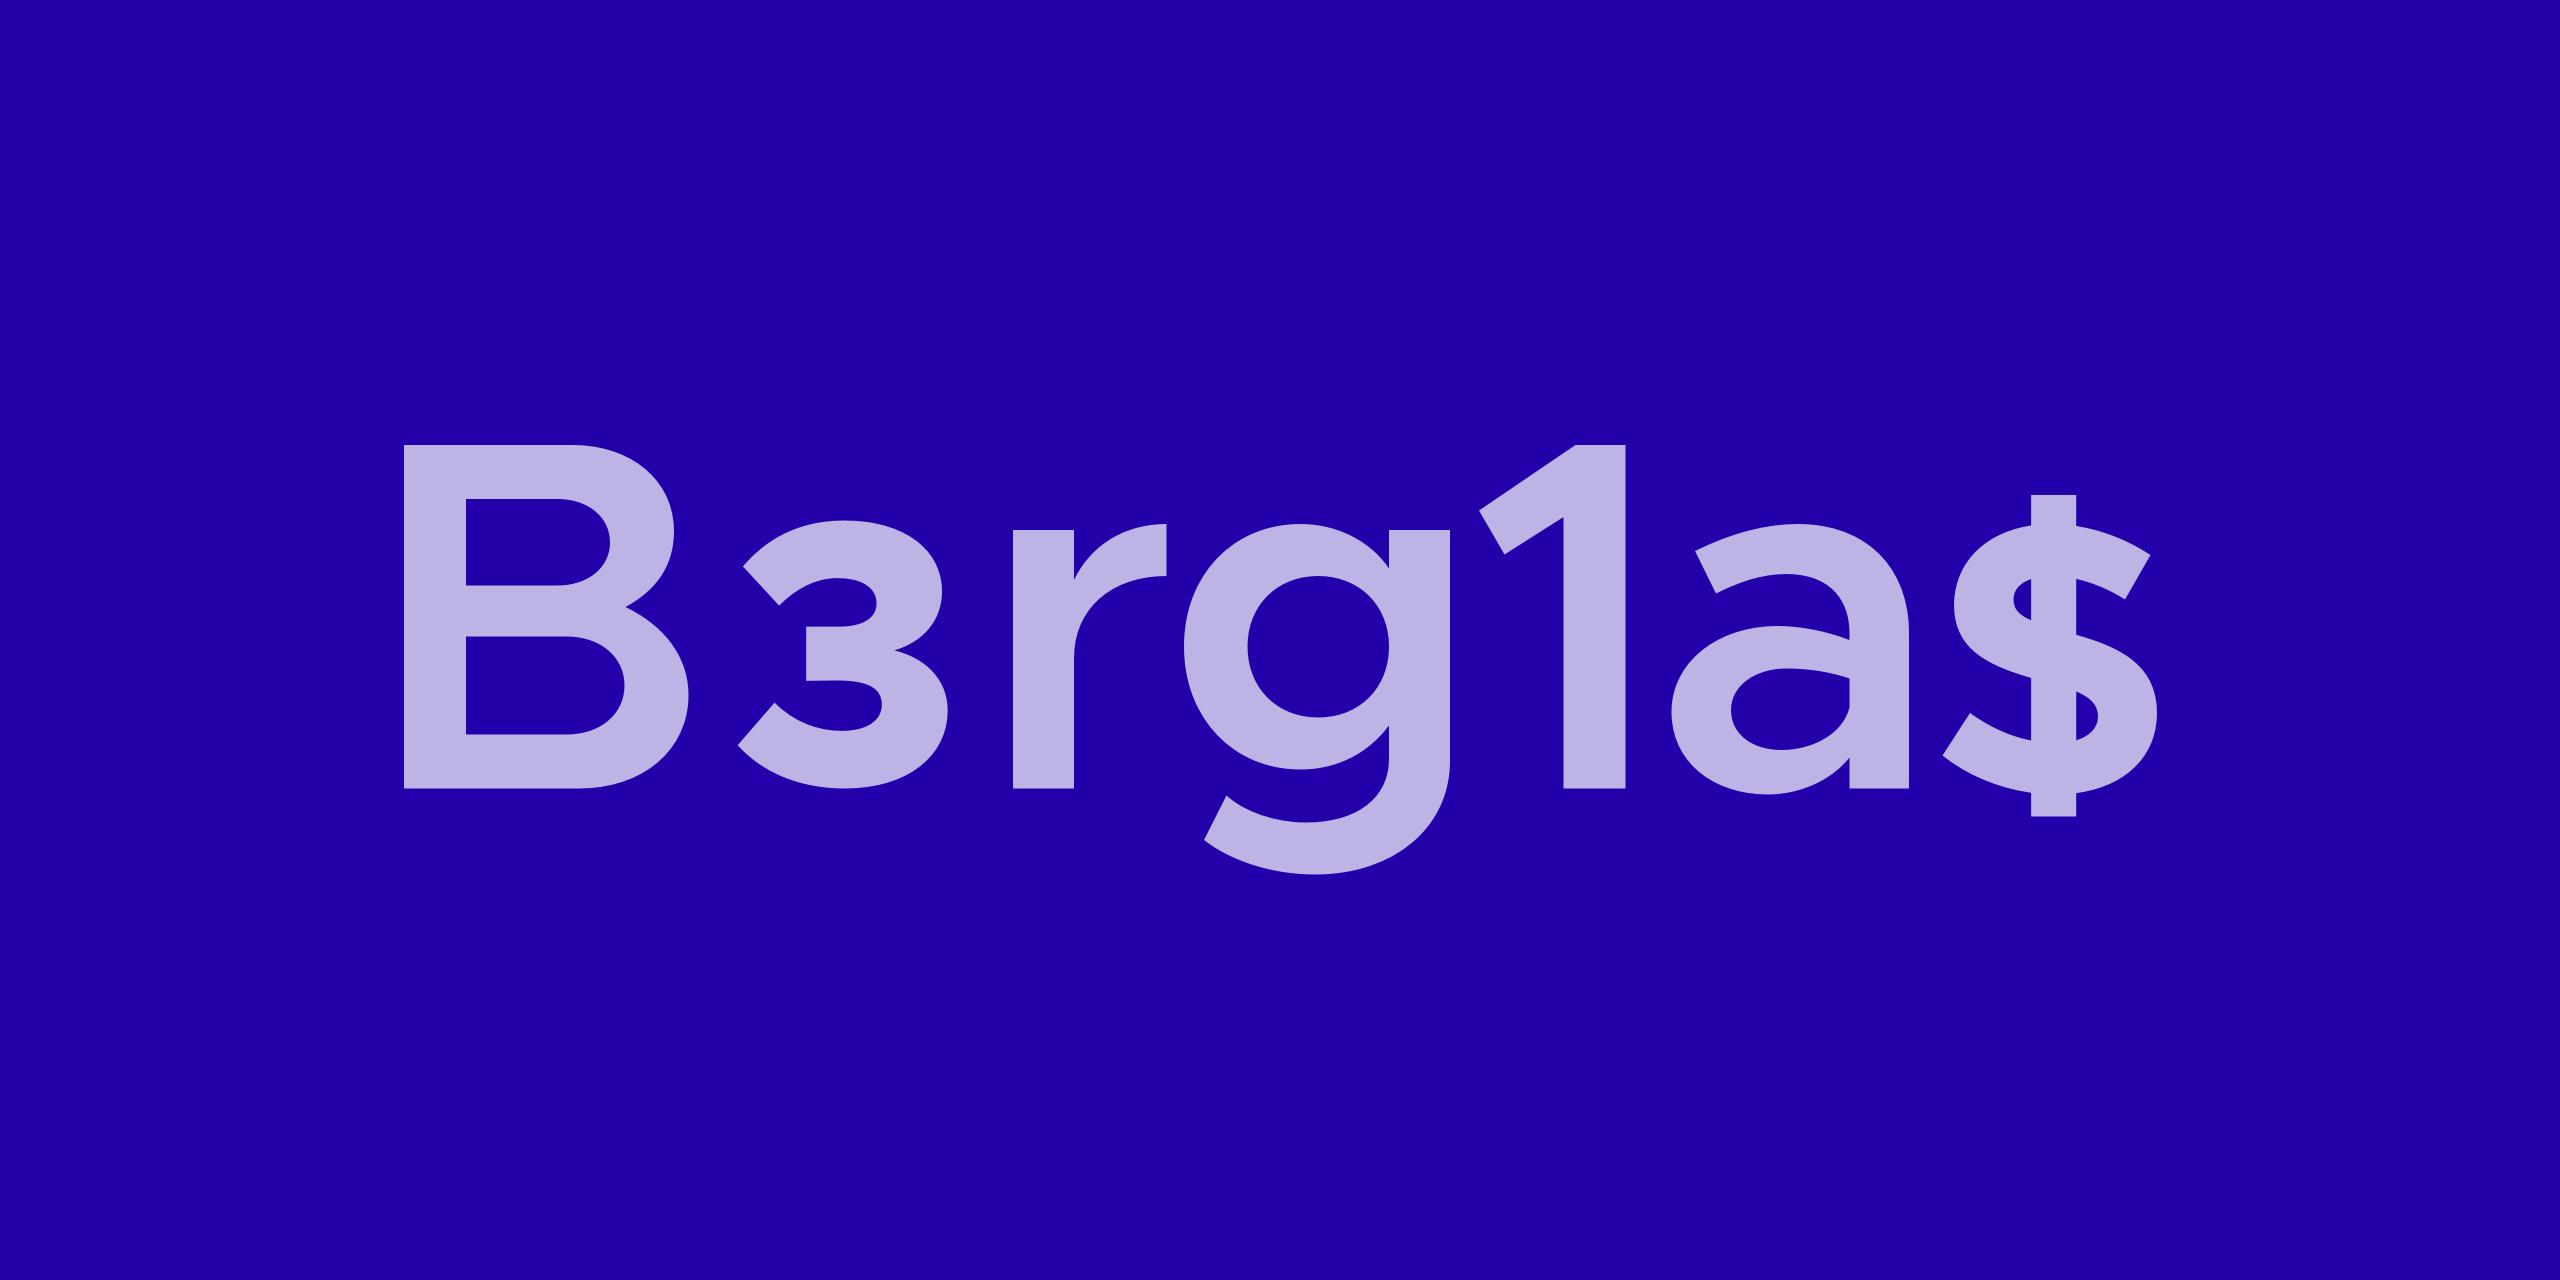 berglas